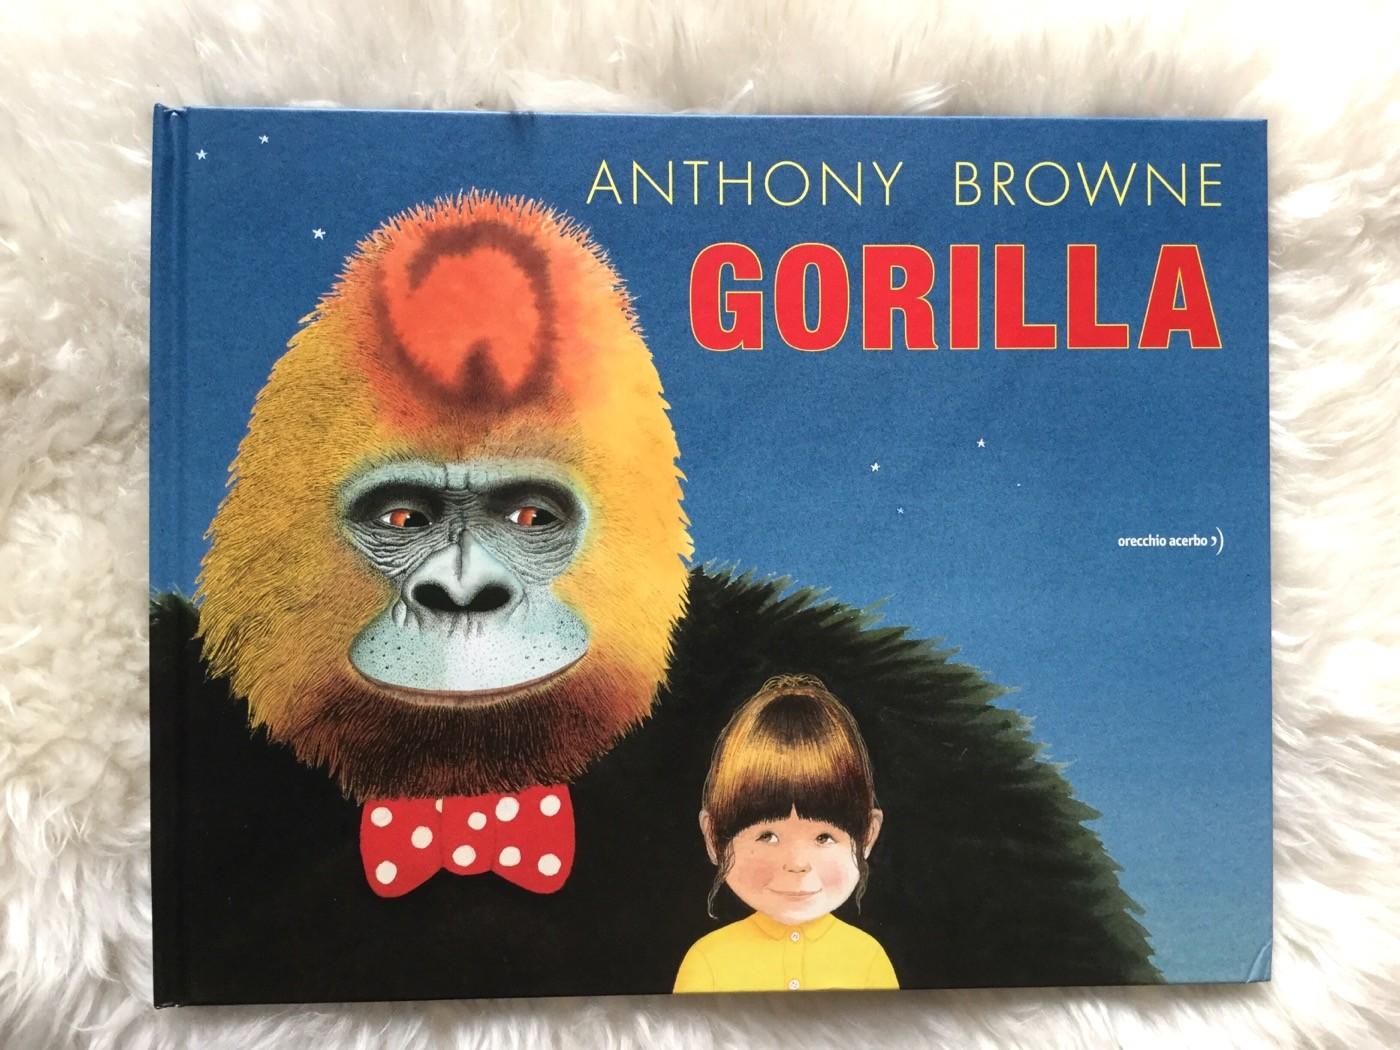 gorilla-anthony-browne-orecchio-acerbo-galline-volanti